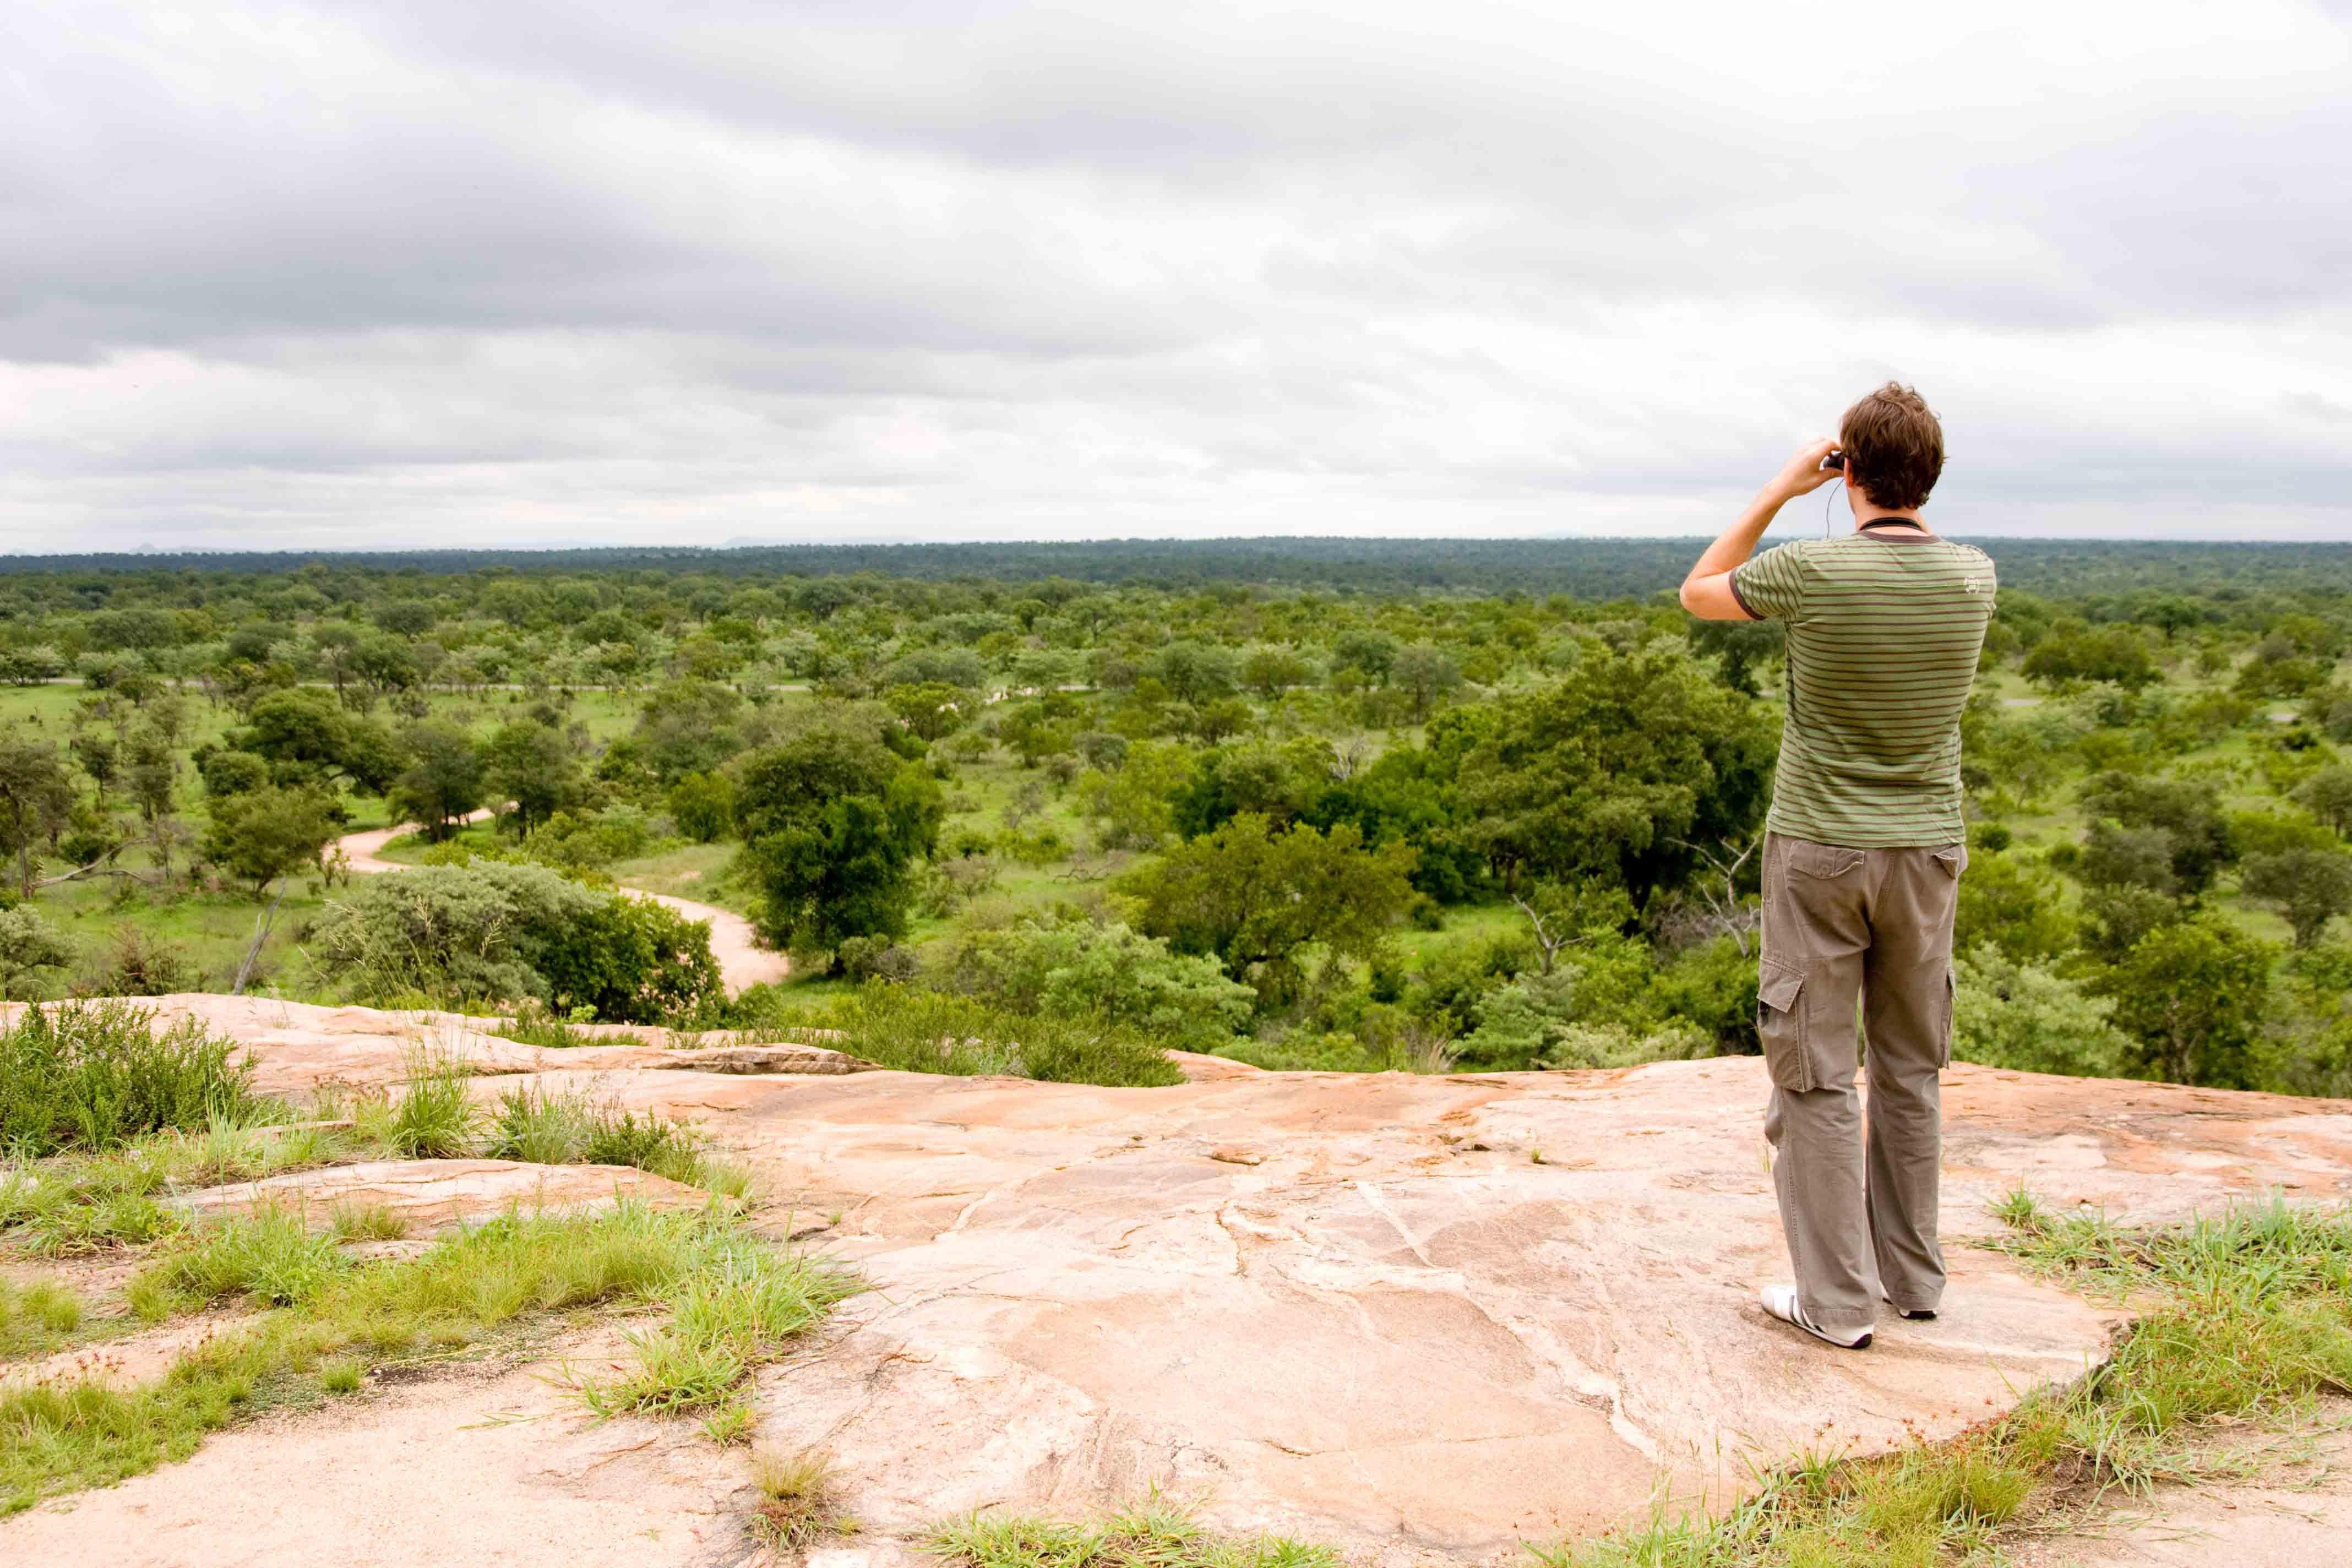 Op de uitkijk in Kruger